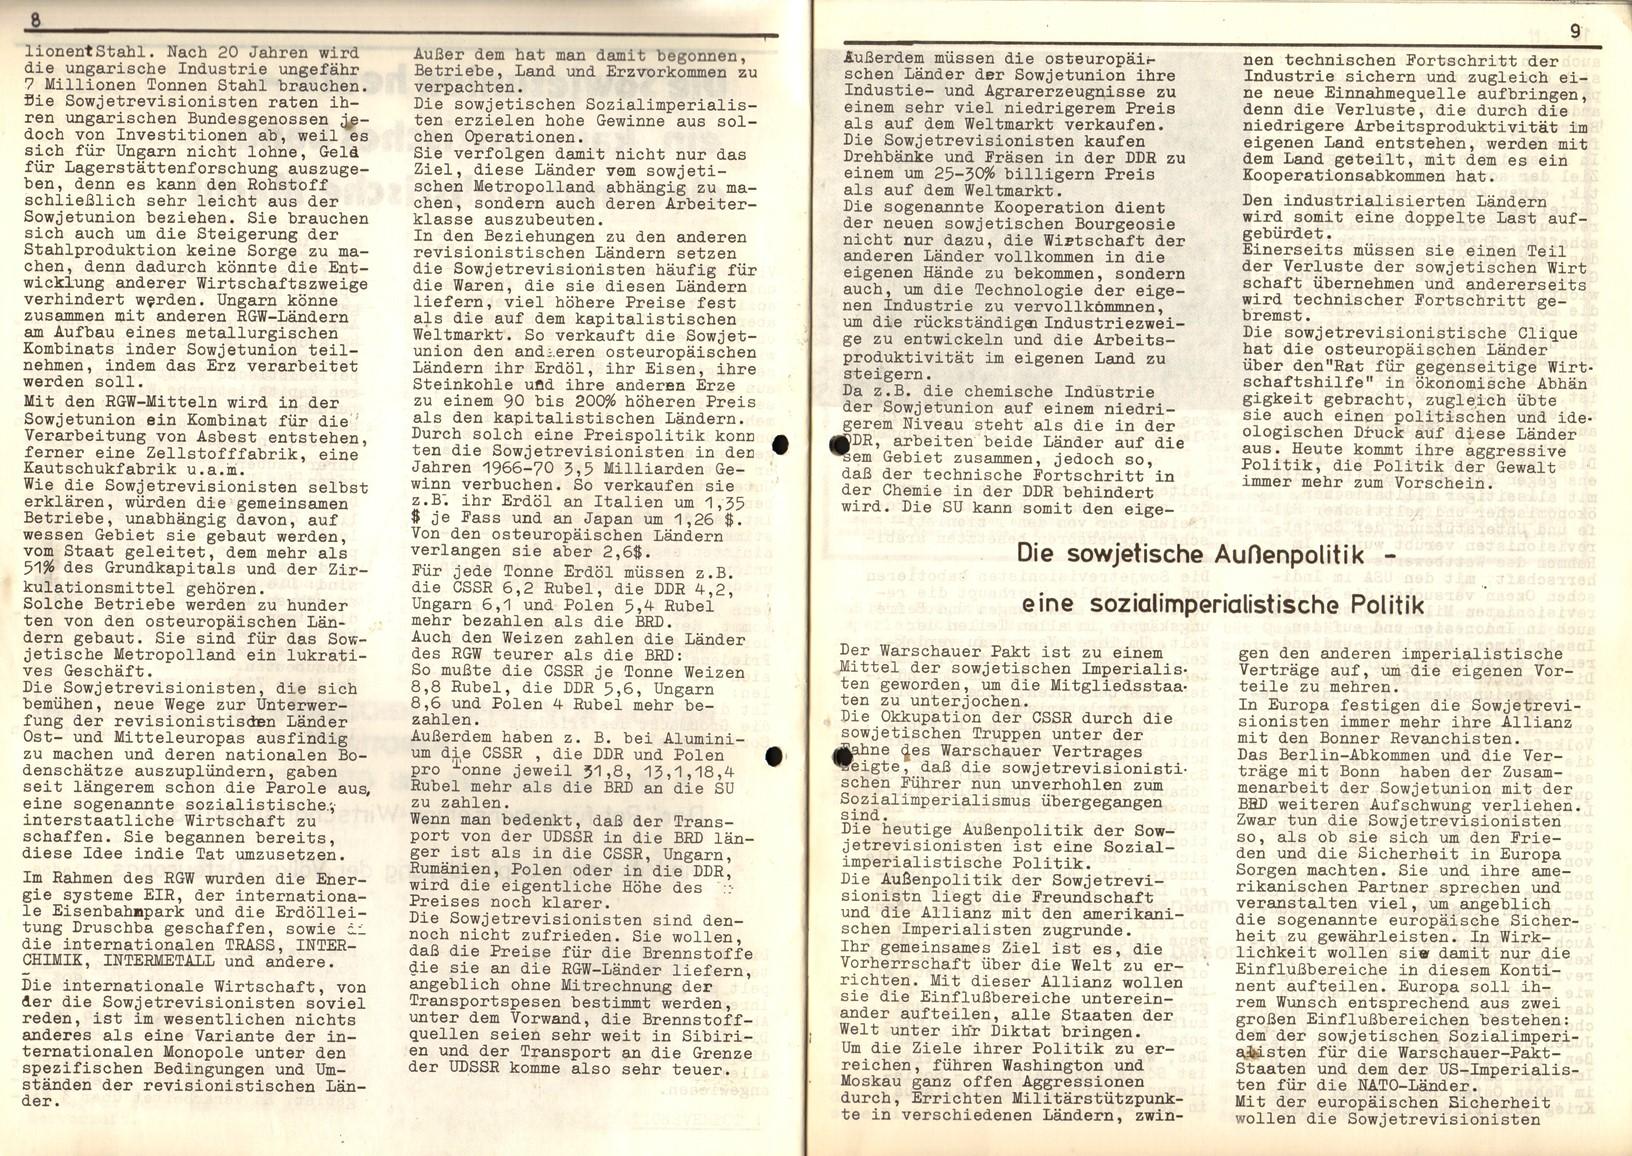 ML_Aachen_Bochum_Duisburg_1973_Breschnew_in_Bonn_05